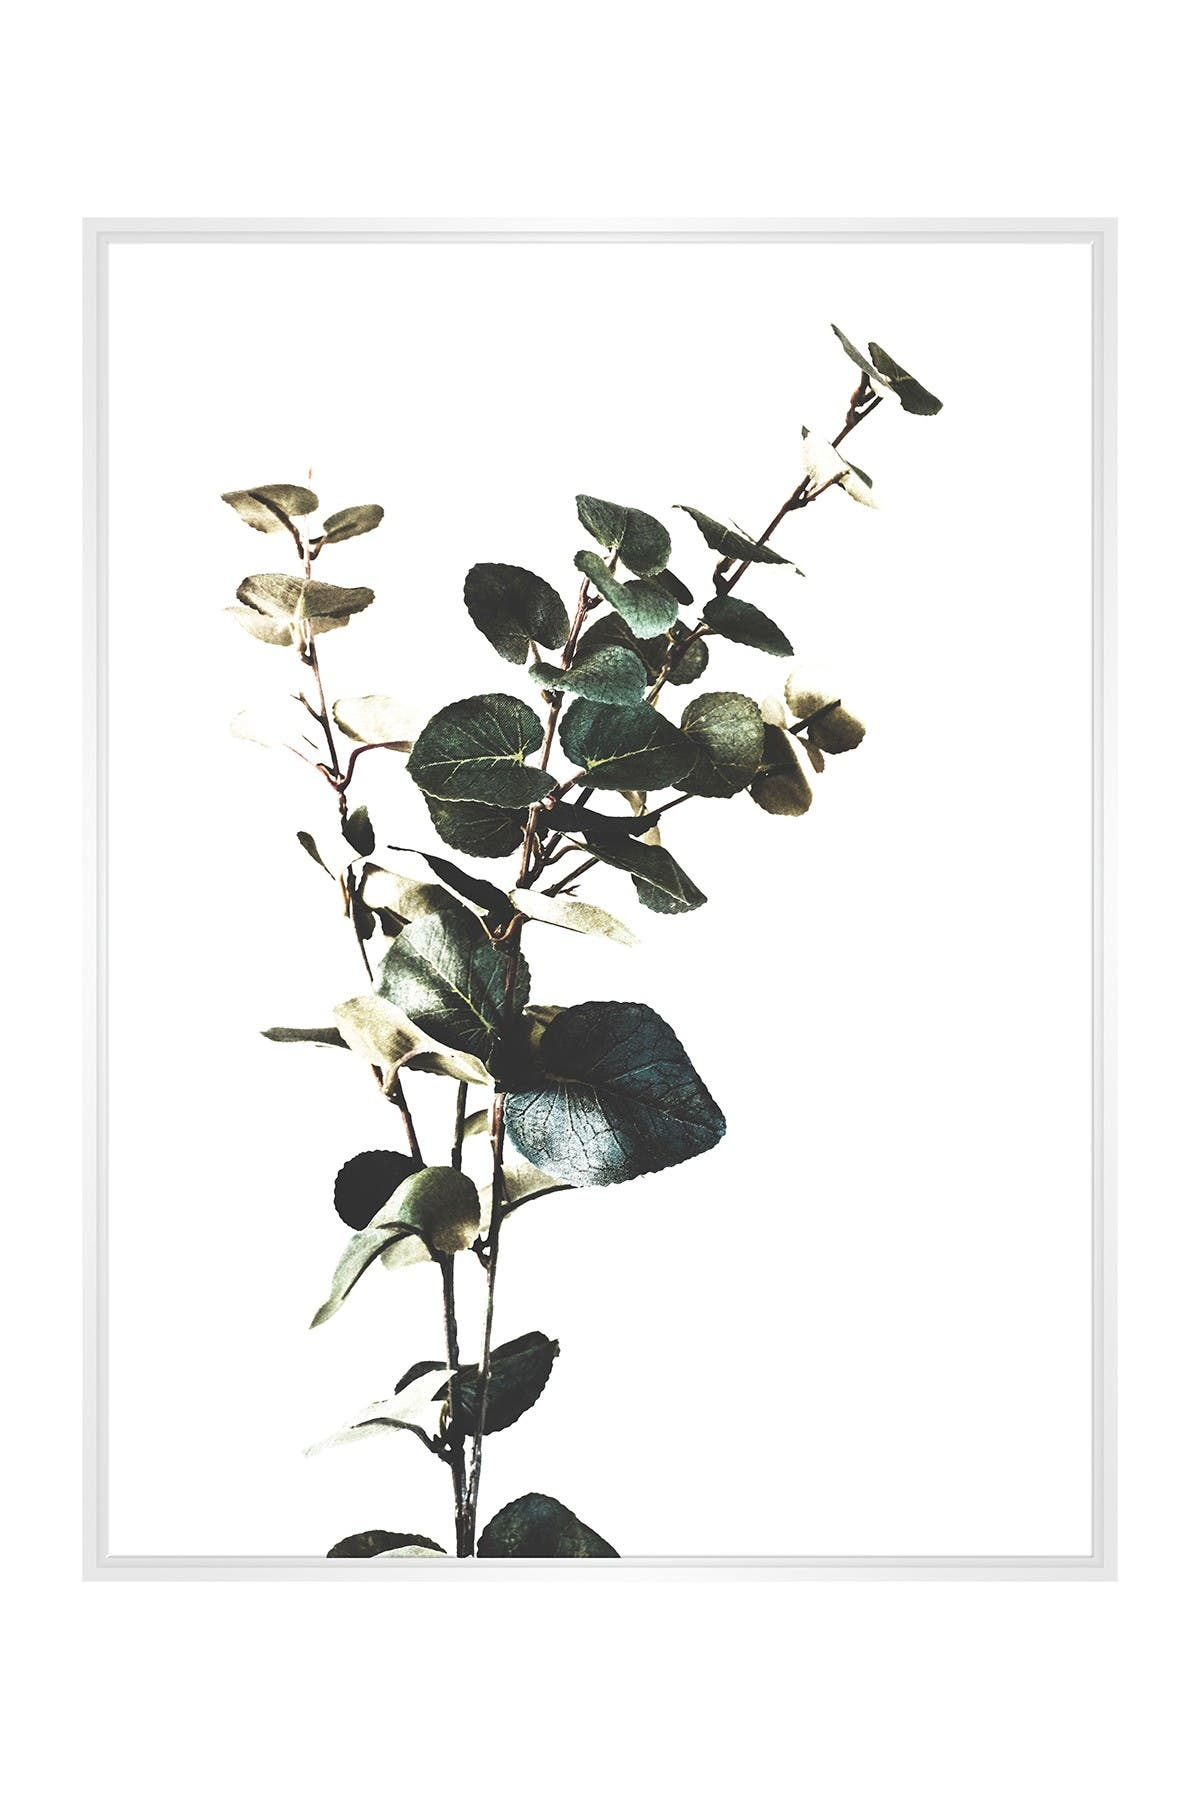 Image of PTM Images Large Botanical #13 Rectangle Canvas